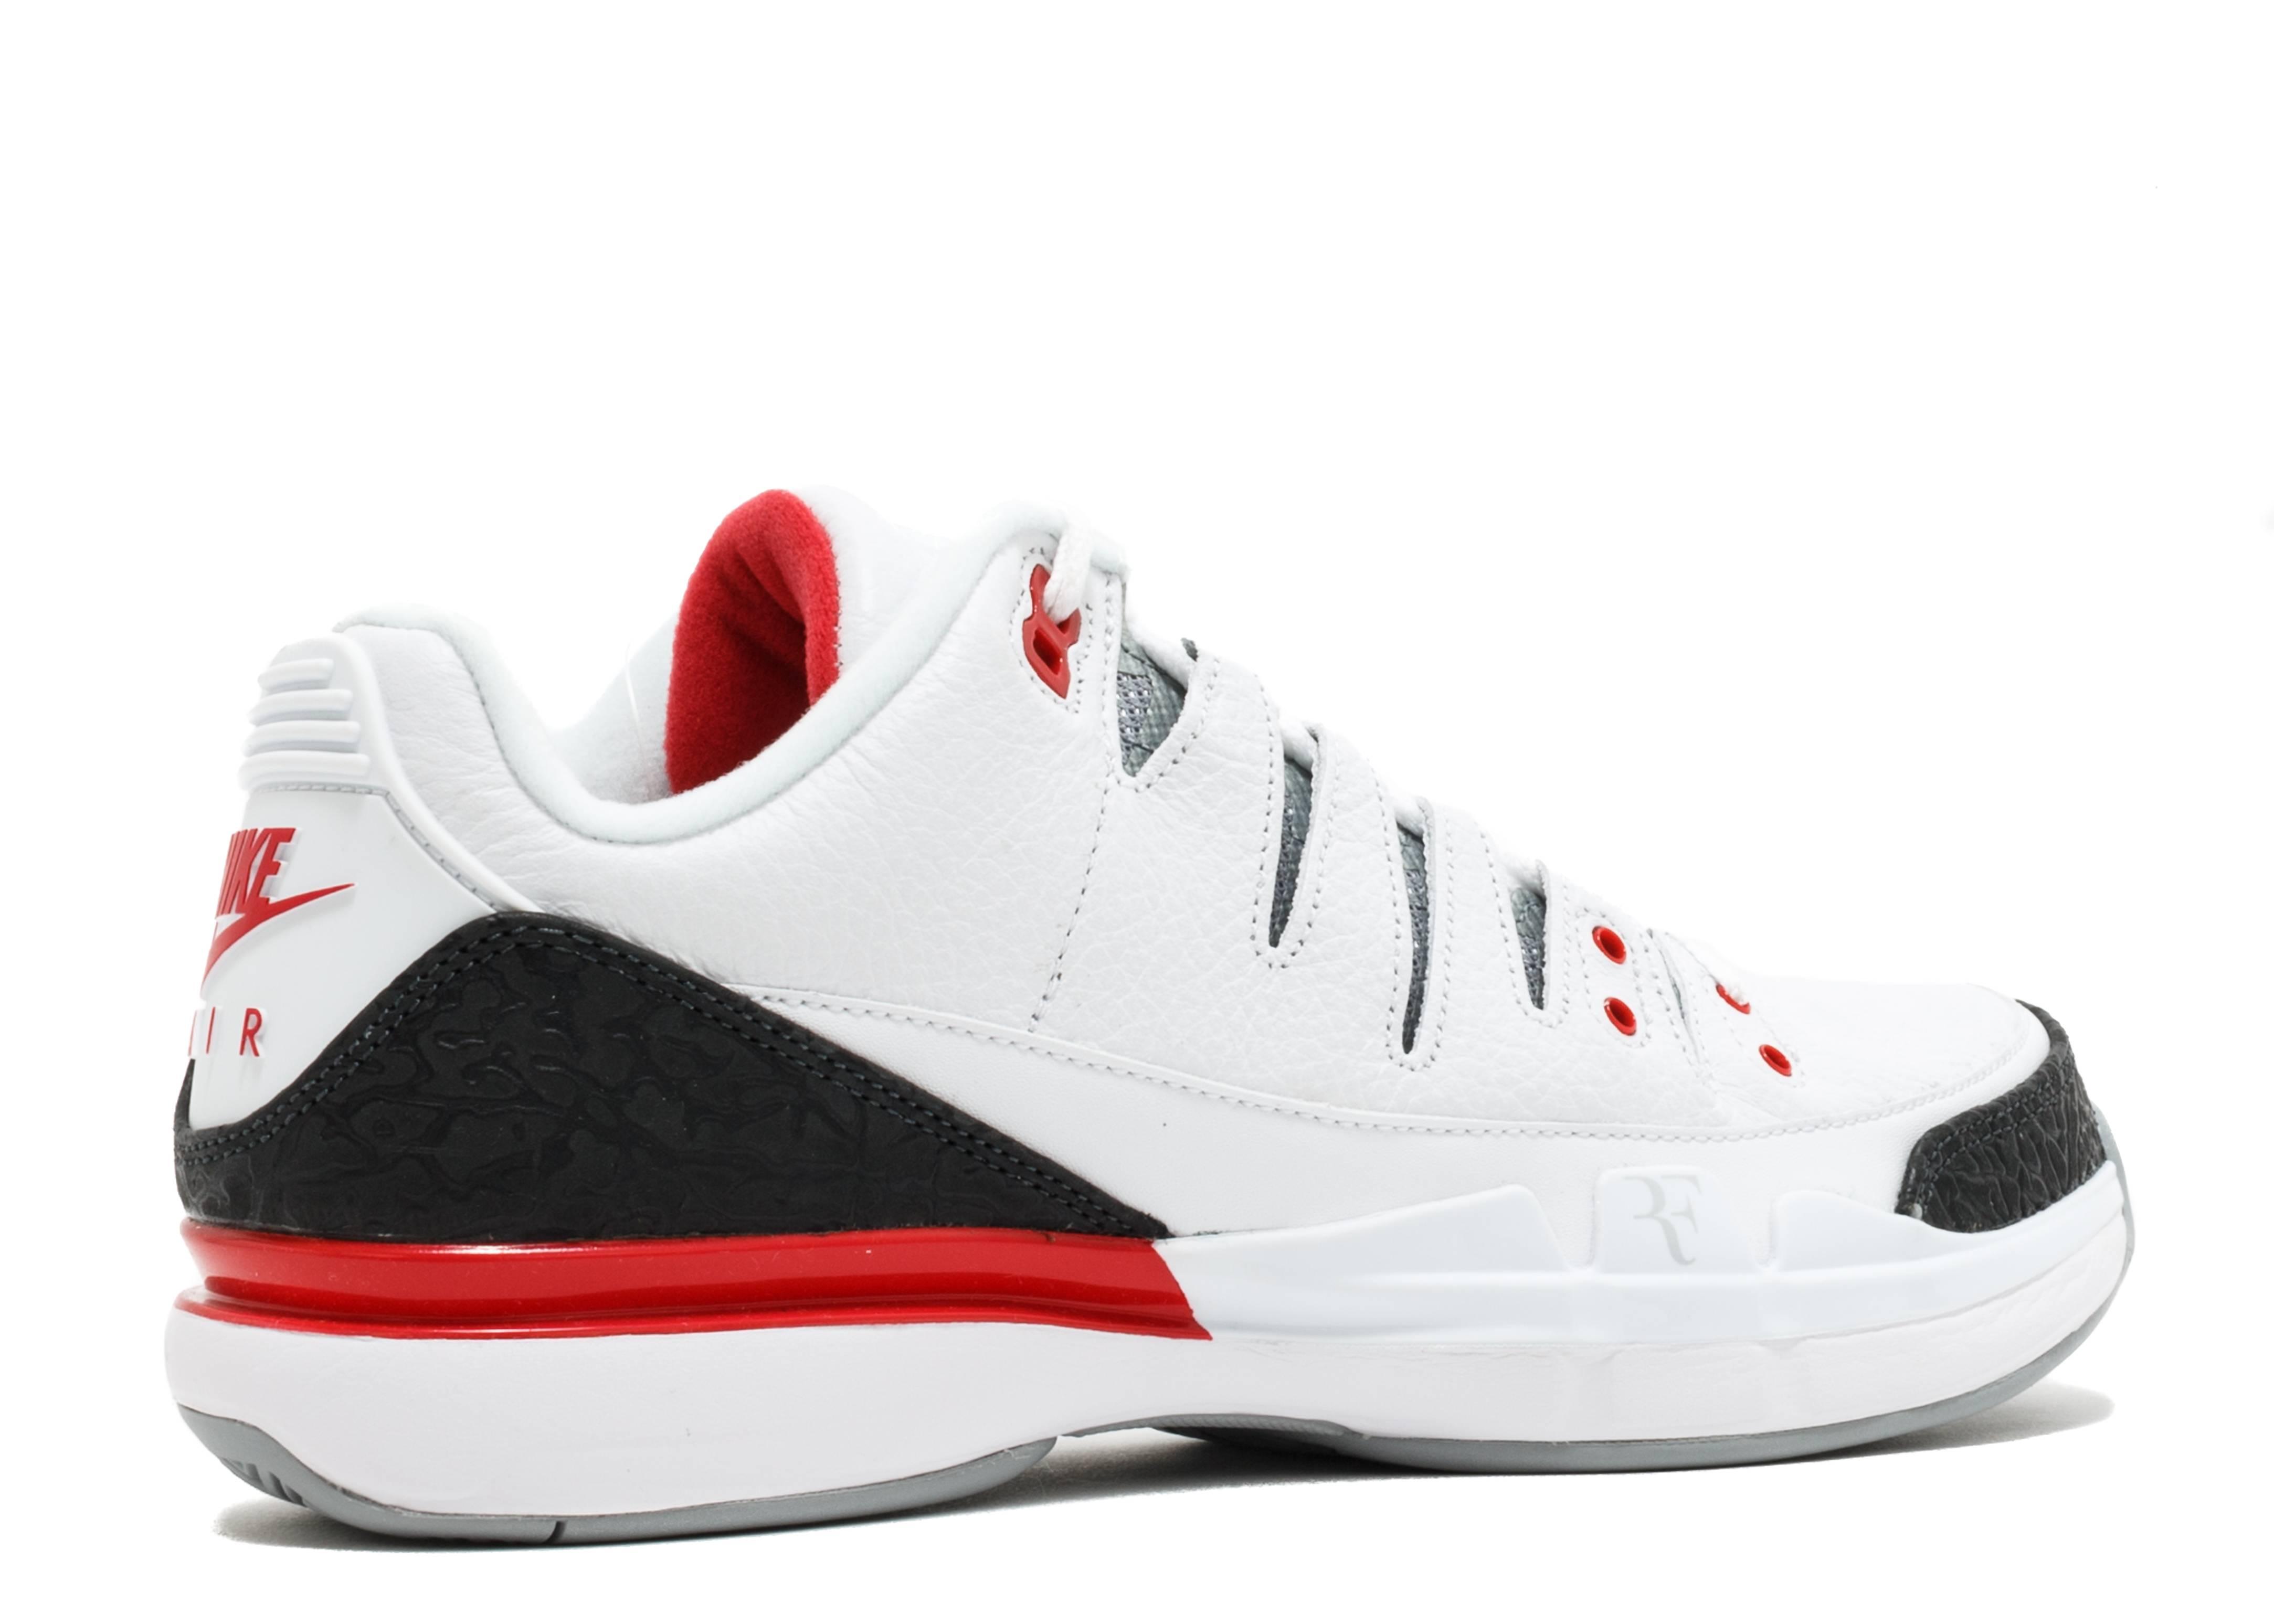 Zoom Vapor Aj3 - Nike - 709998 106 - white fire red- silver-black ... b9980dbe7